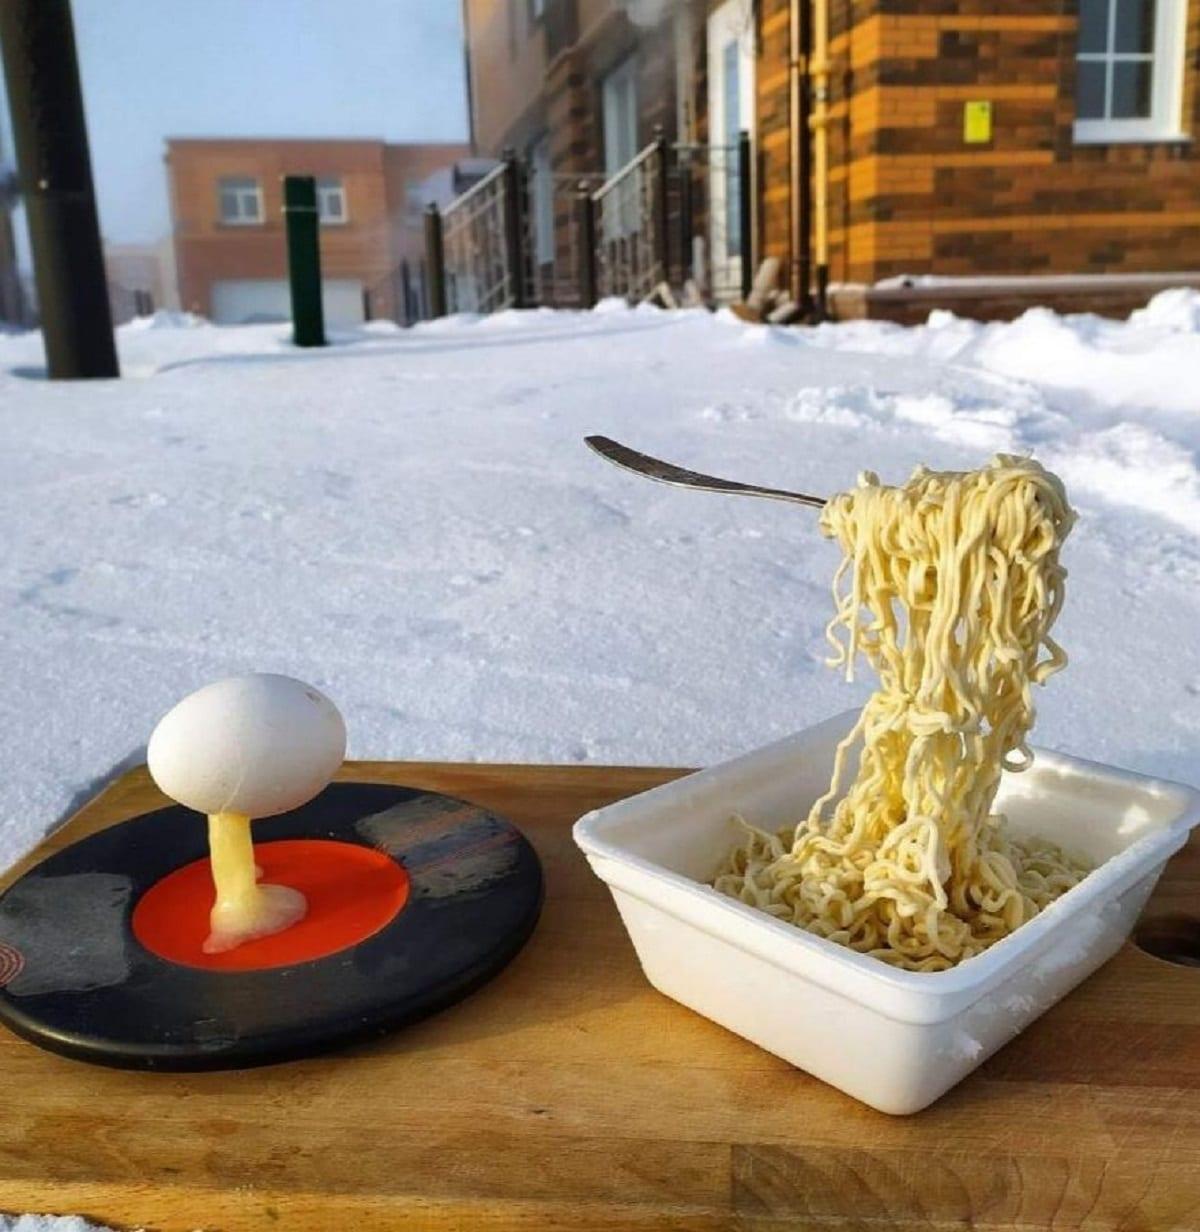 Pasta congelata a mezz'aria, lo scatto che sta facendo il giro del web